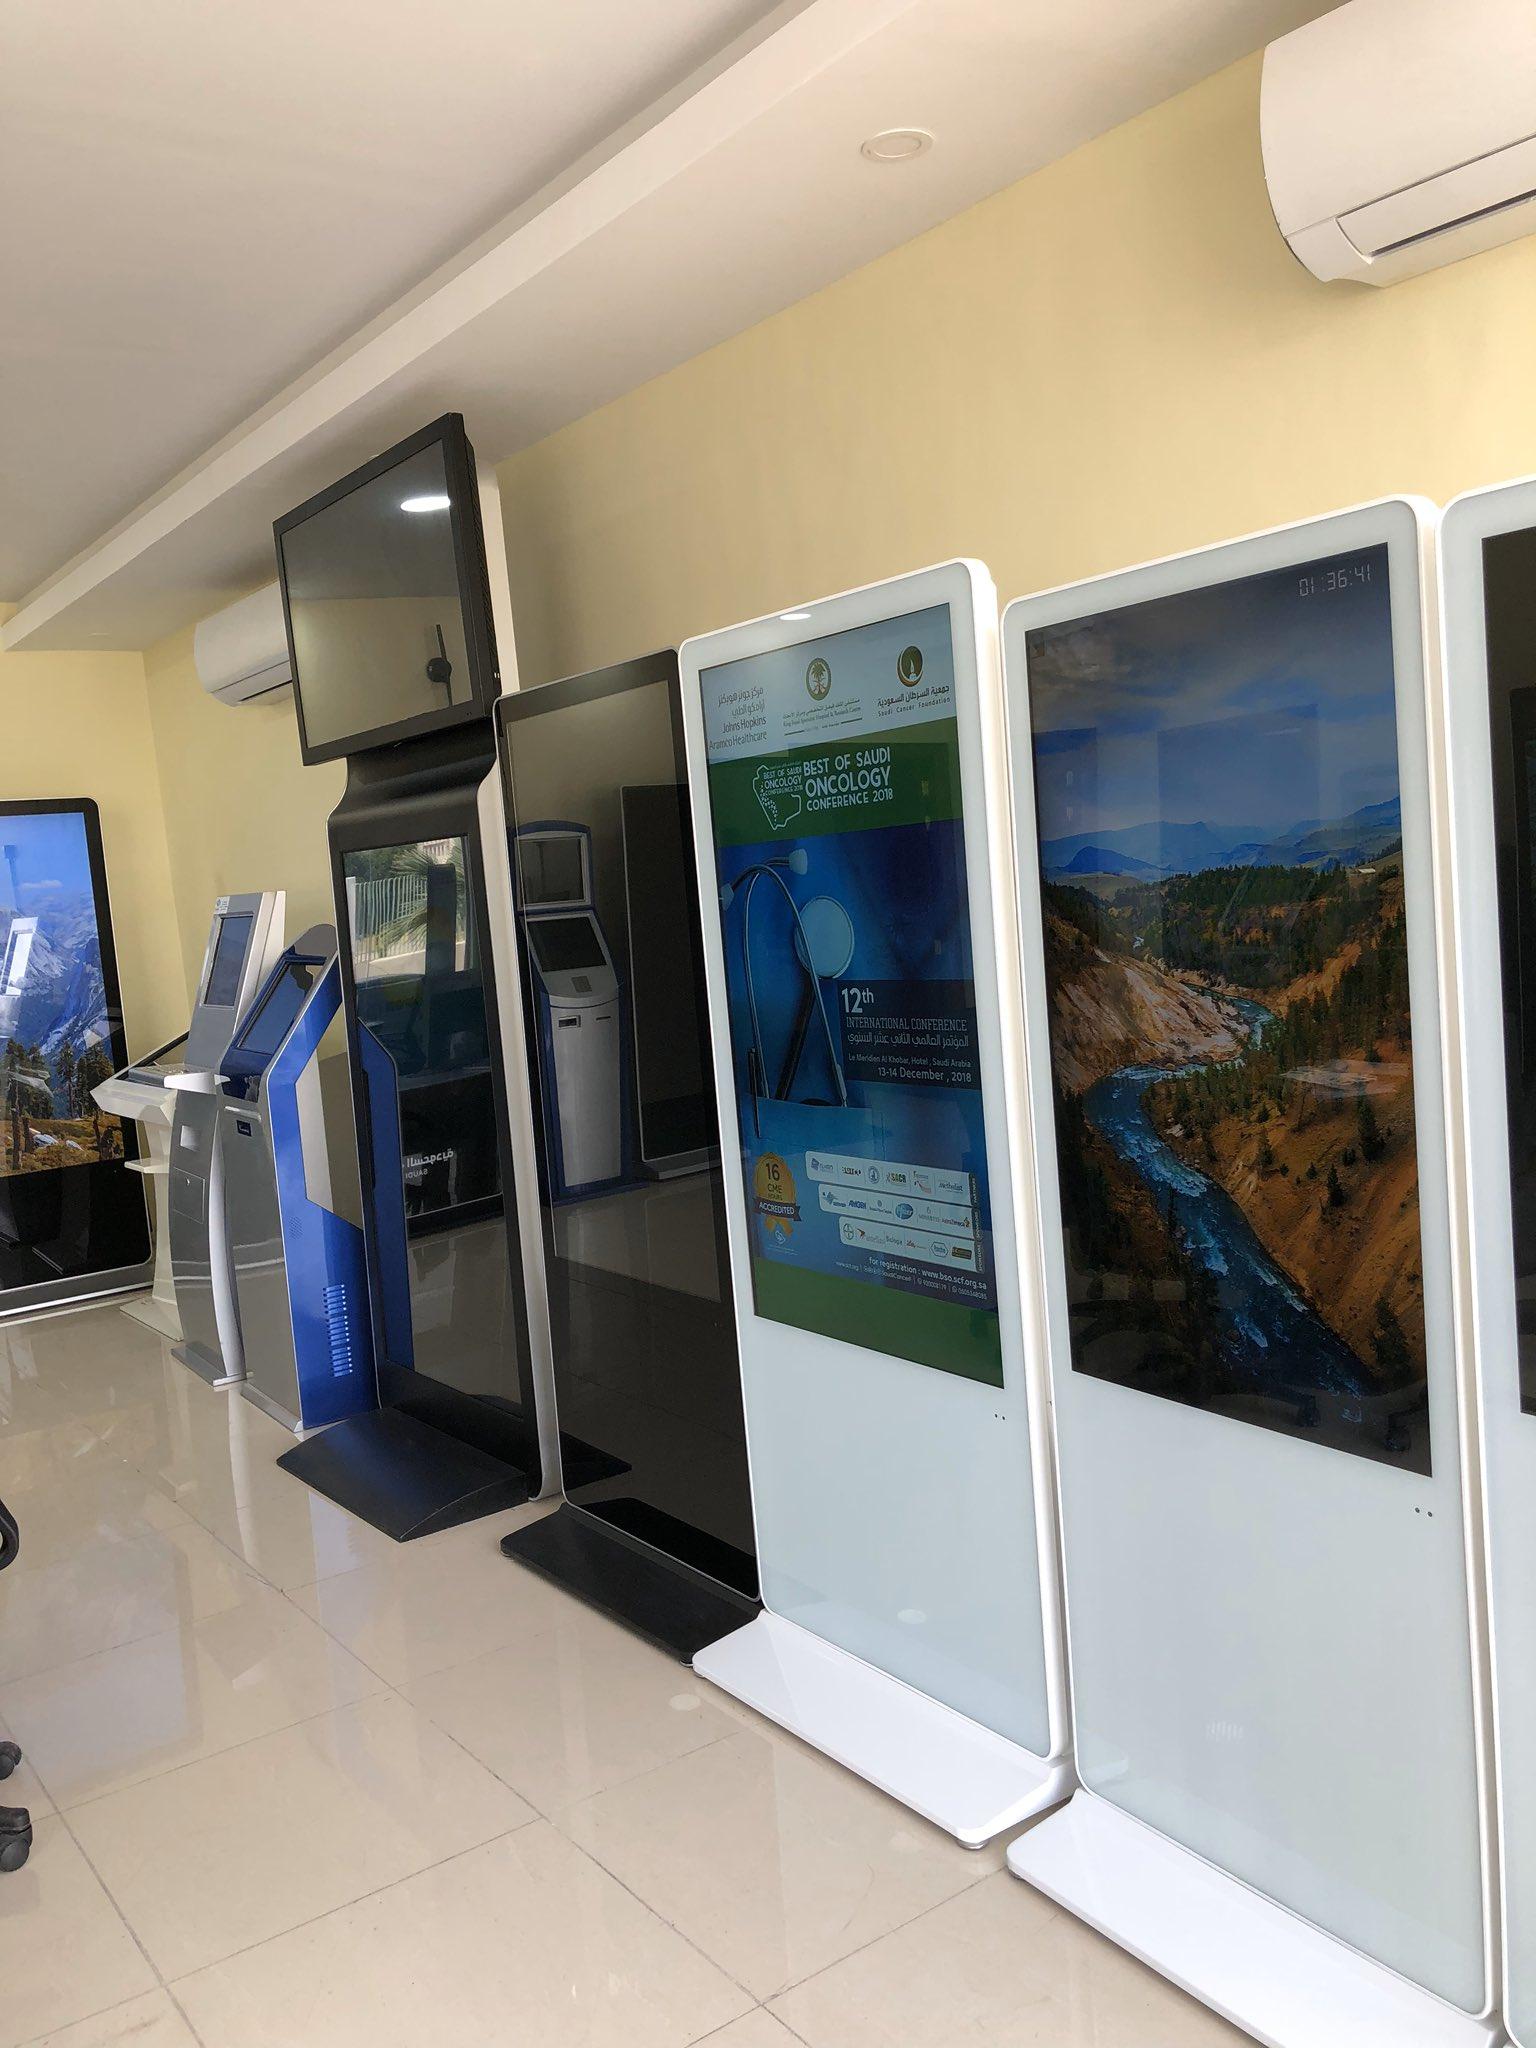 تصميم وتصنيع وتنفيذ حسب طلب العميل شركة تمام للالكترونيات - حلول العرض والأجهزة التفاعلية 0548040824